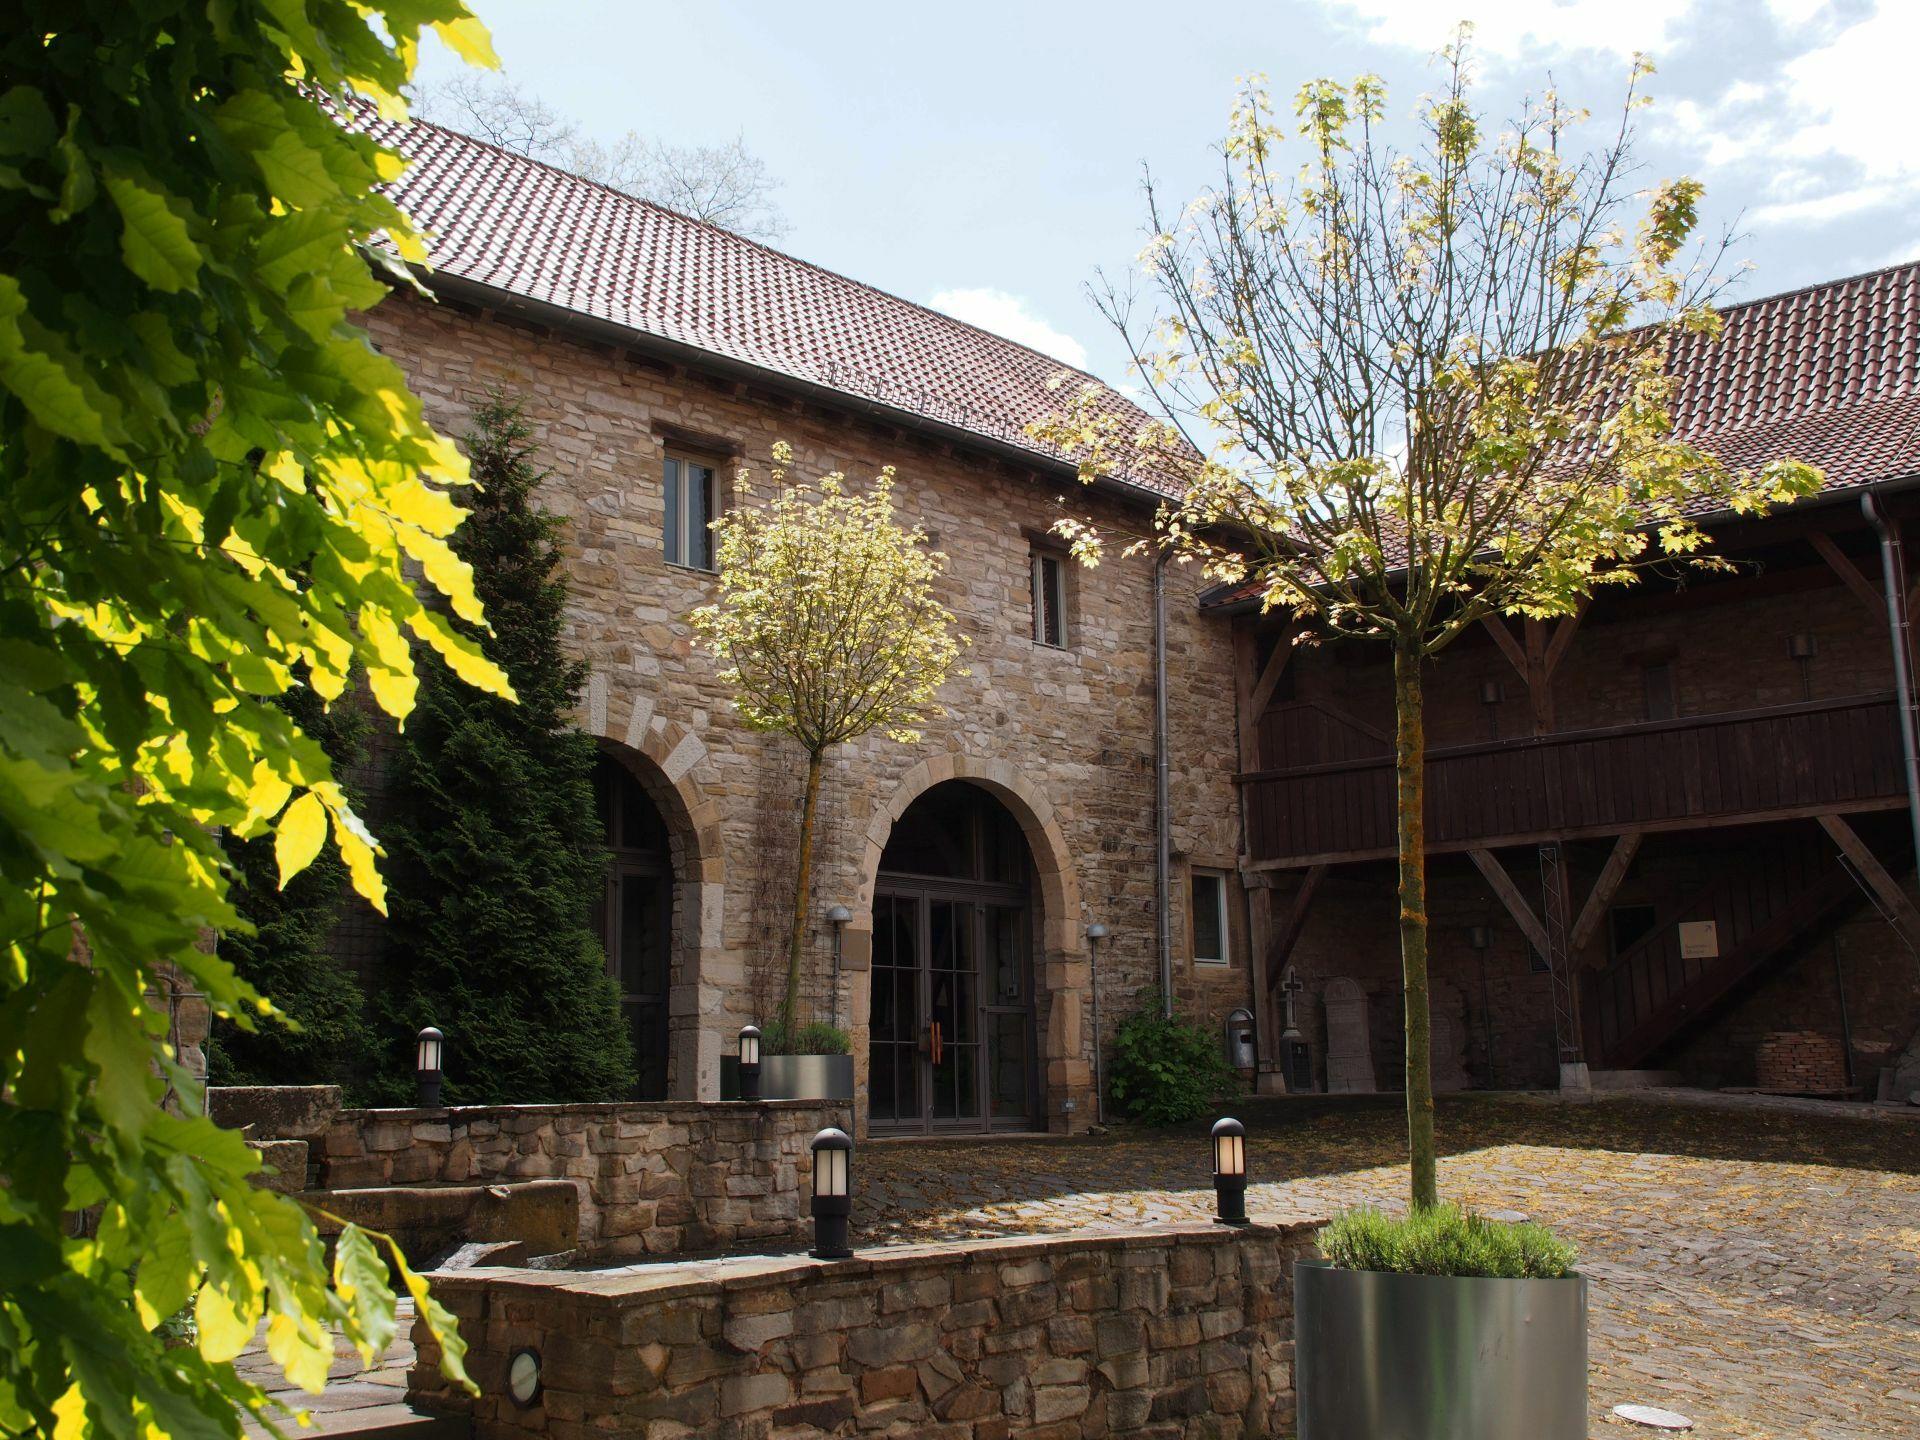 Cornberg innenhof